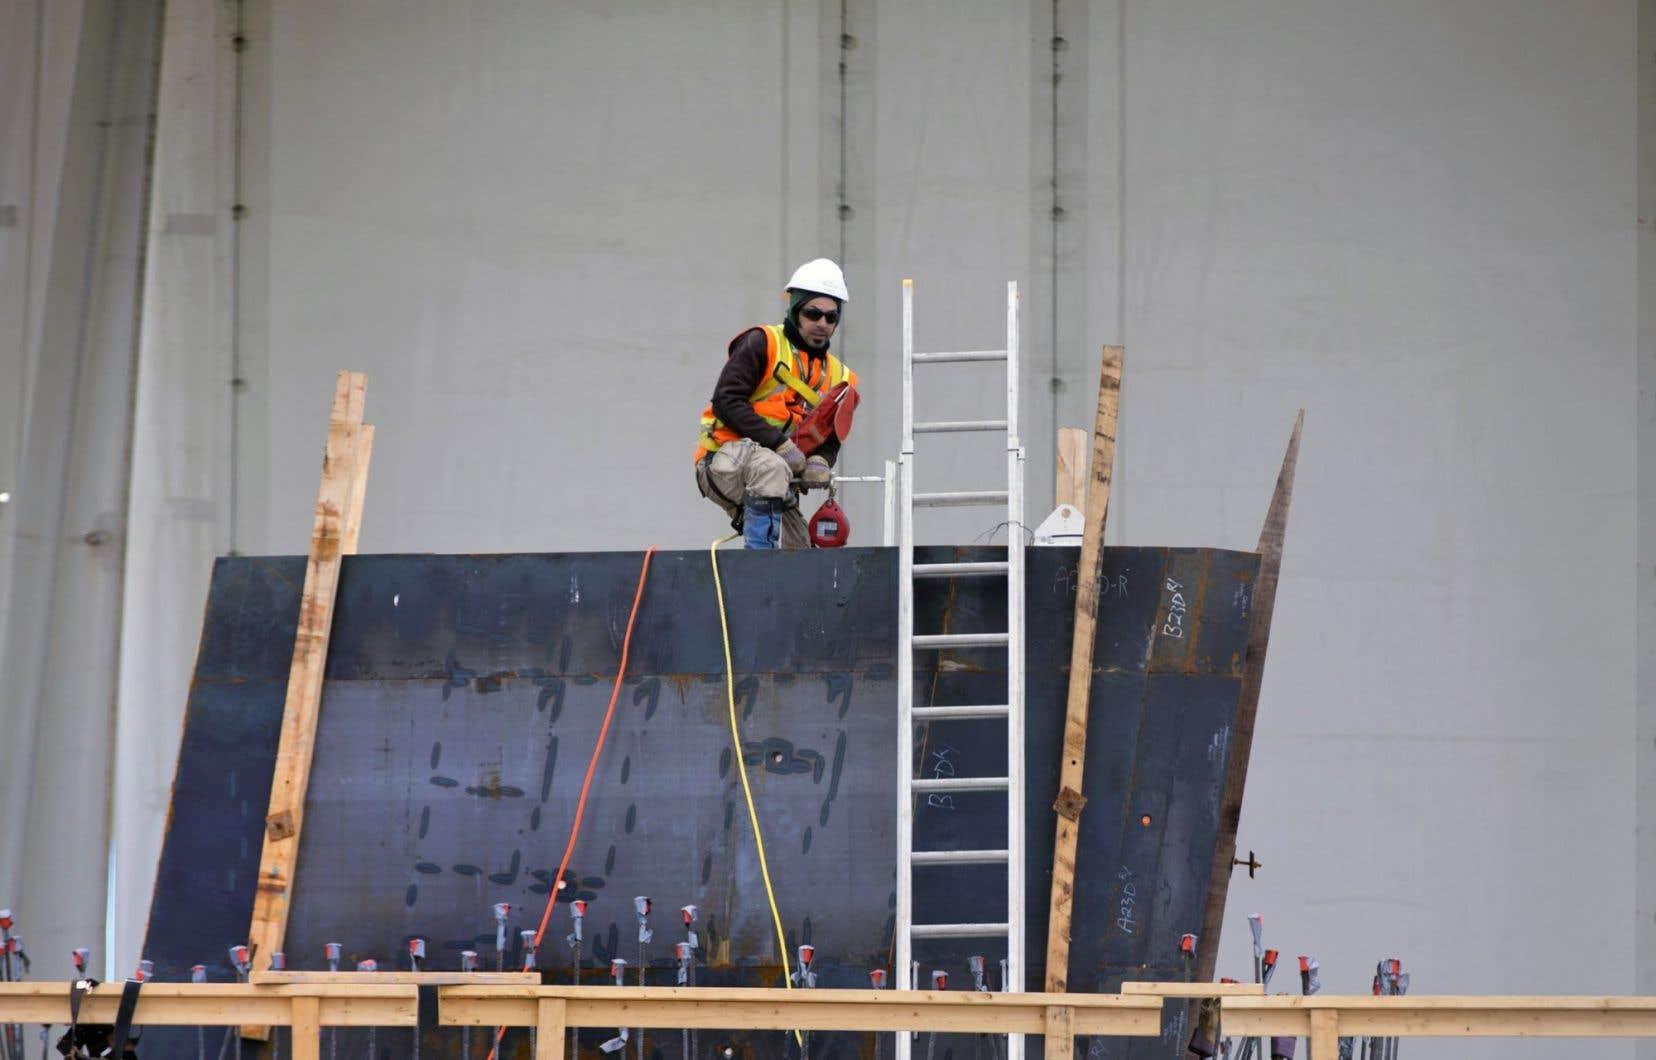 Les syndicats représentant les ouvriers doutent que ce transfert se traduise véritablement en des économies pour les villes.